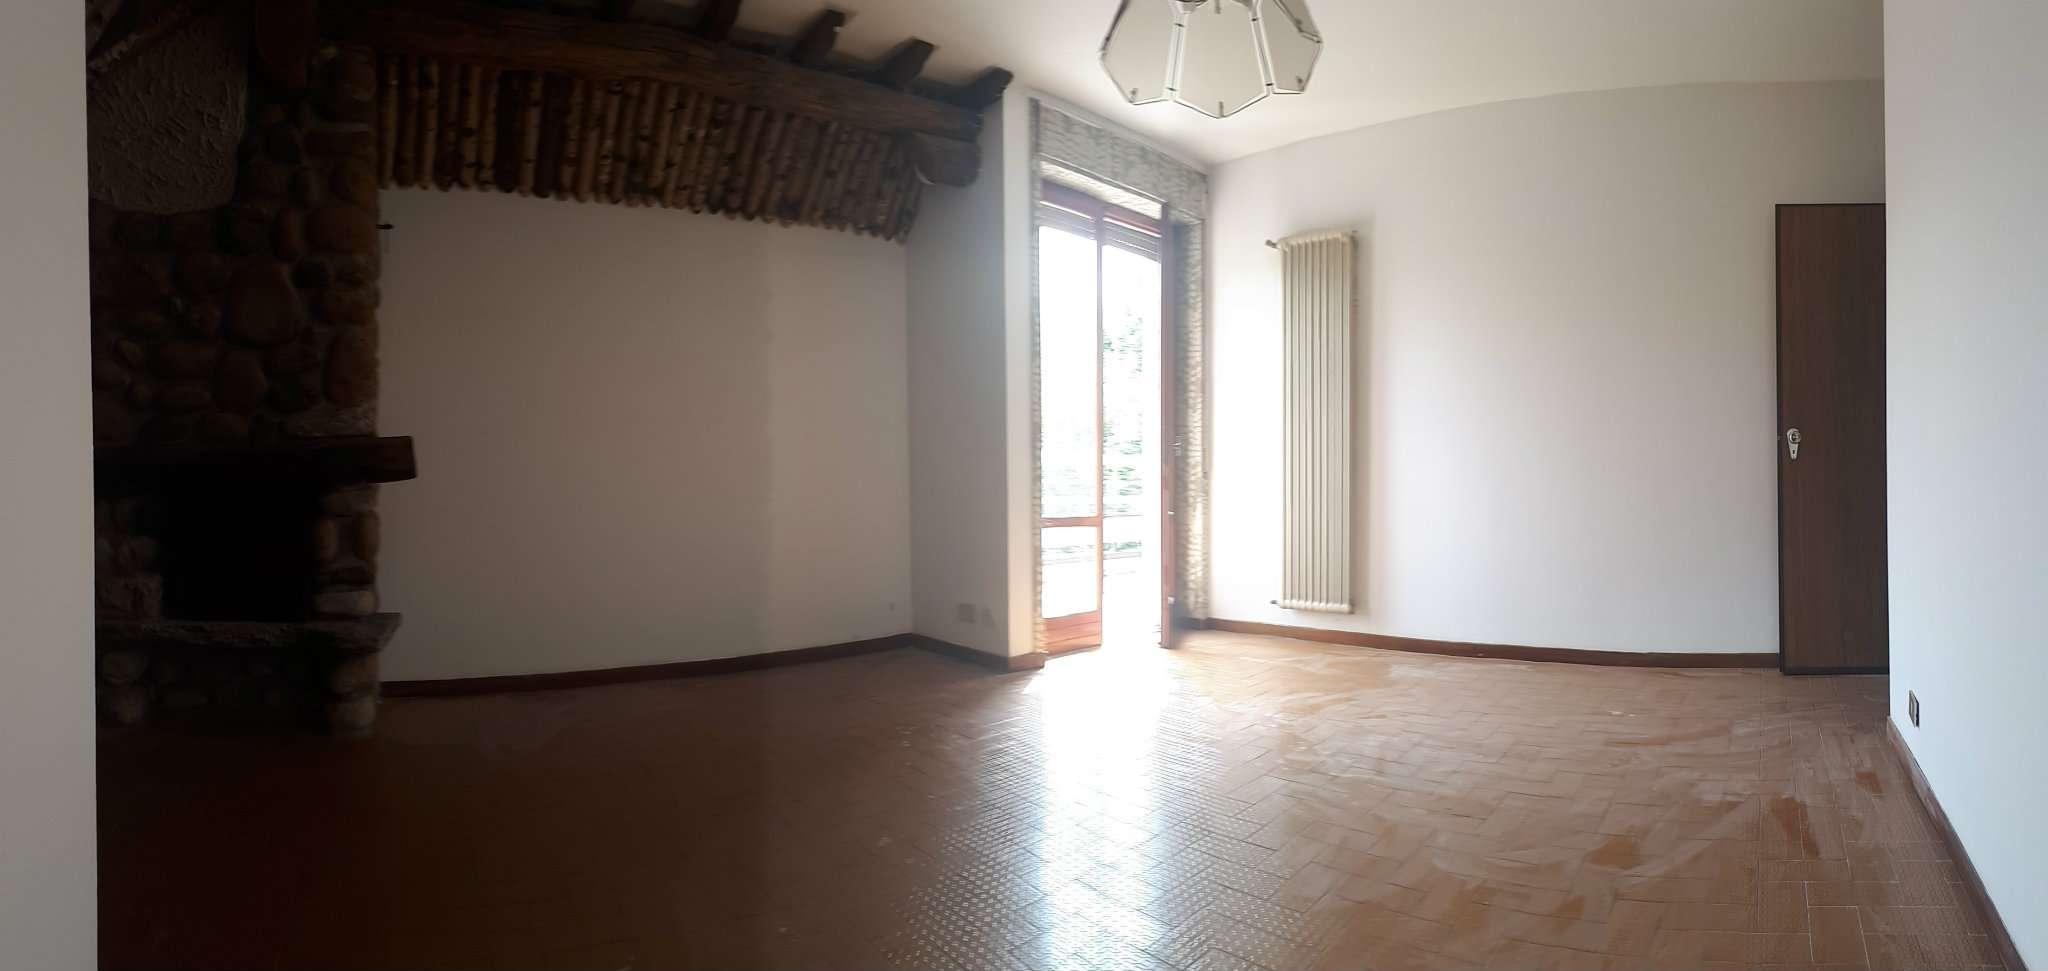 Appartamento in affitto a Cuasso al Monte, 2 locali, prezzo € 400 | PortaleAgenzieImmobiliari.it